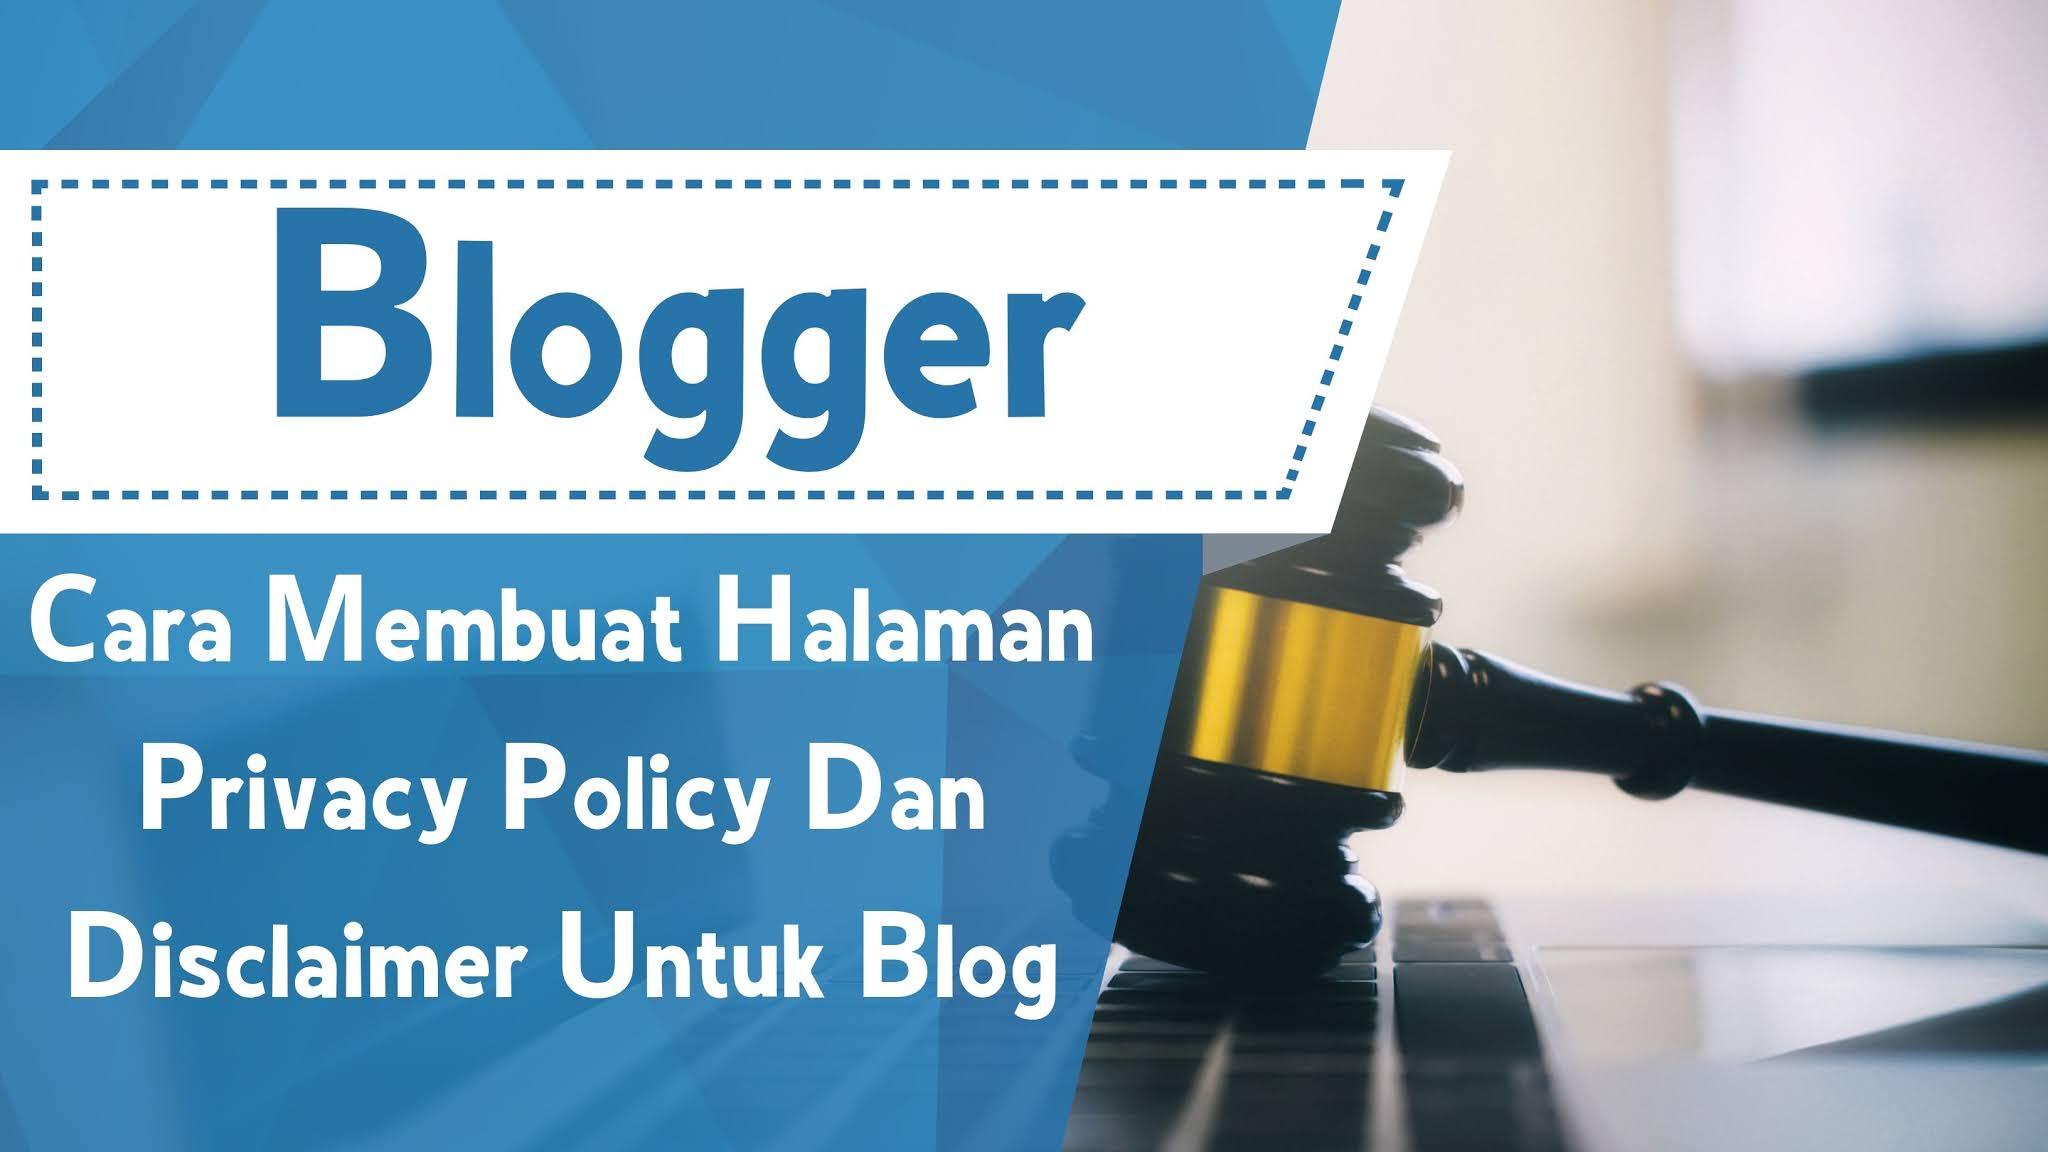 Cara Membuat Halaman Privacy Policy Dan Disclaimer Untuk Blog